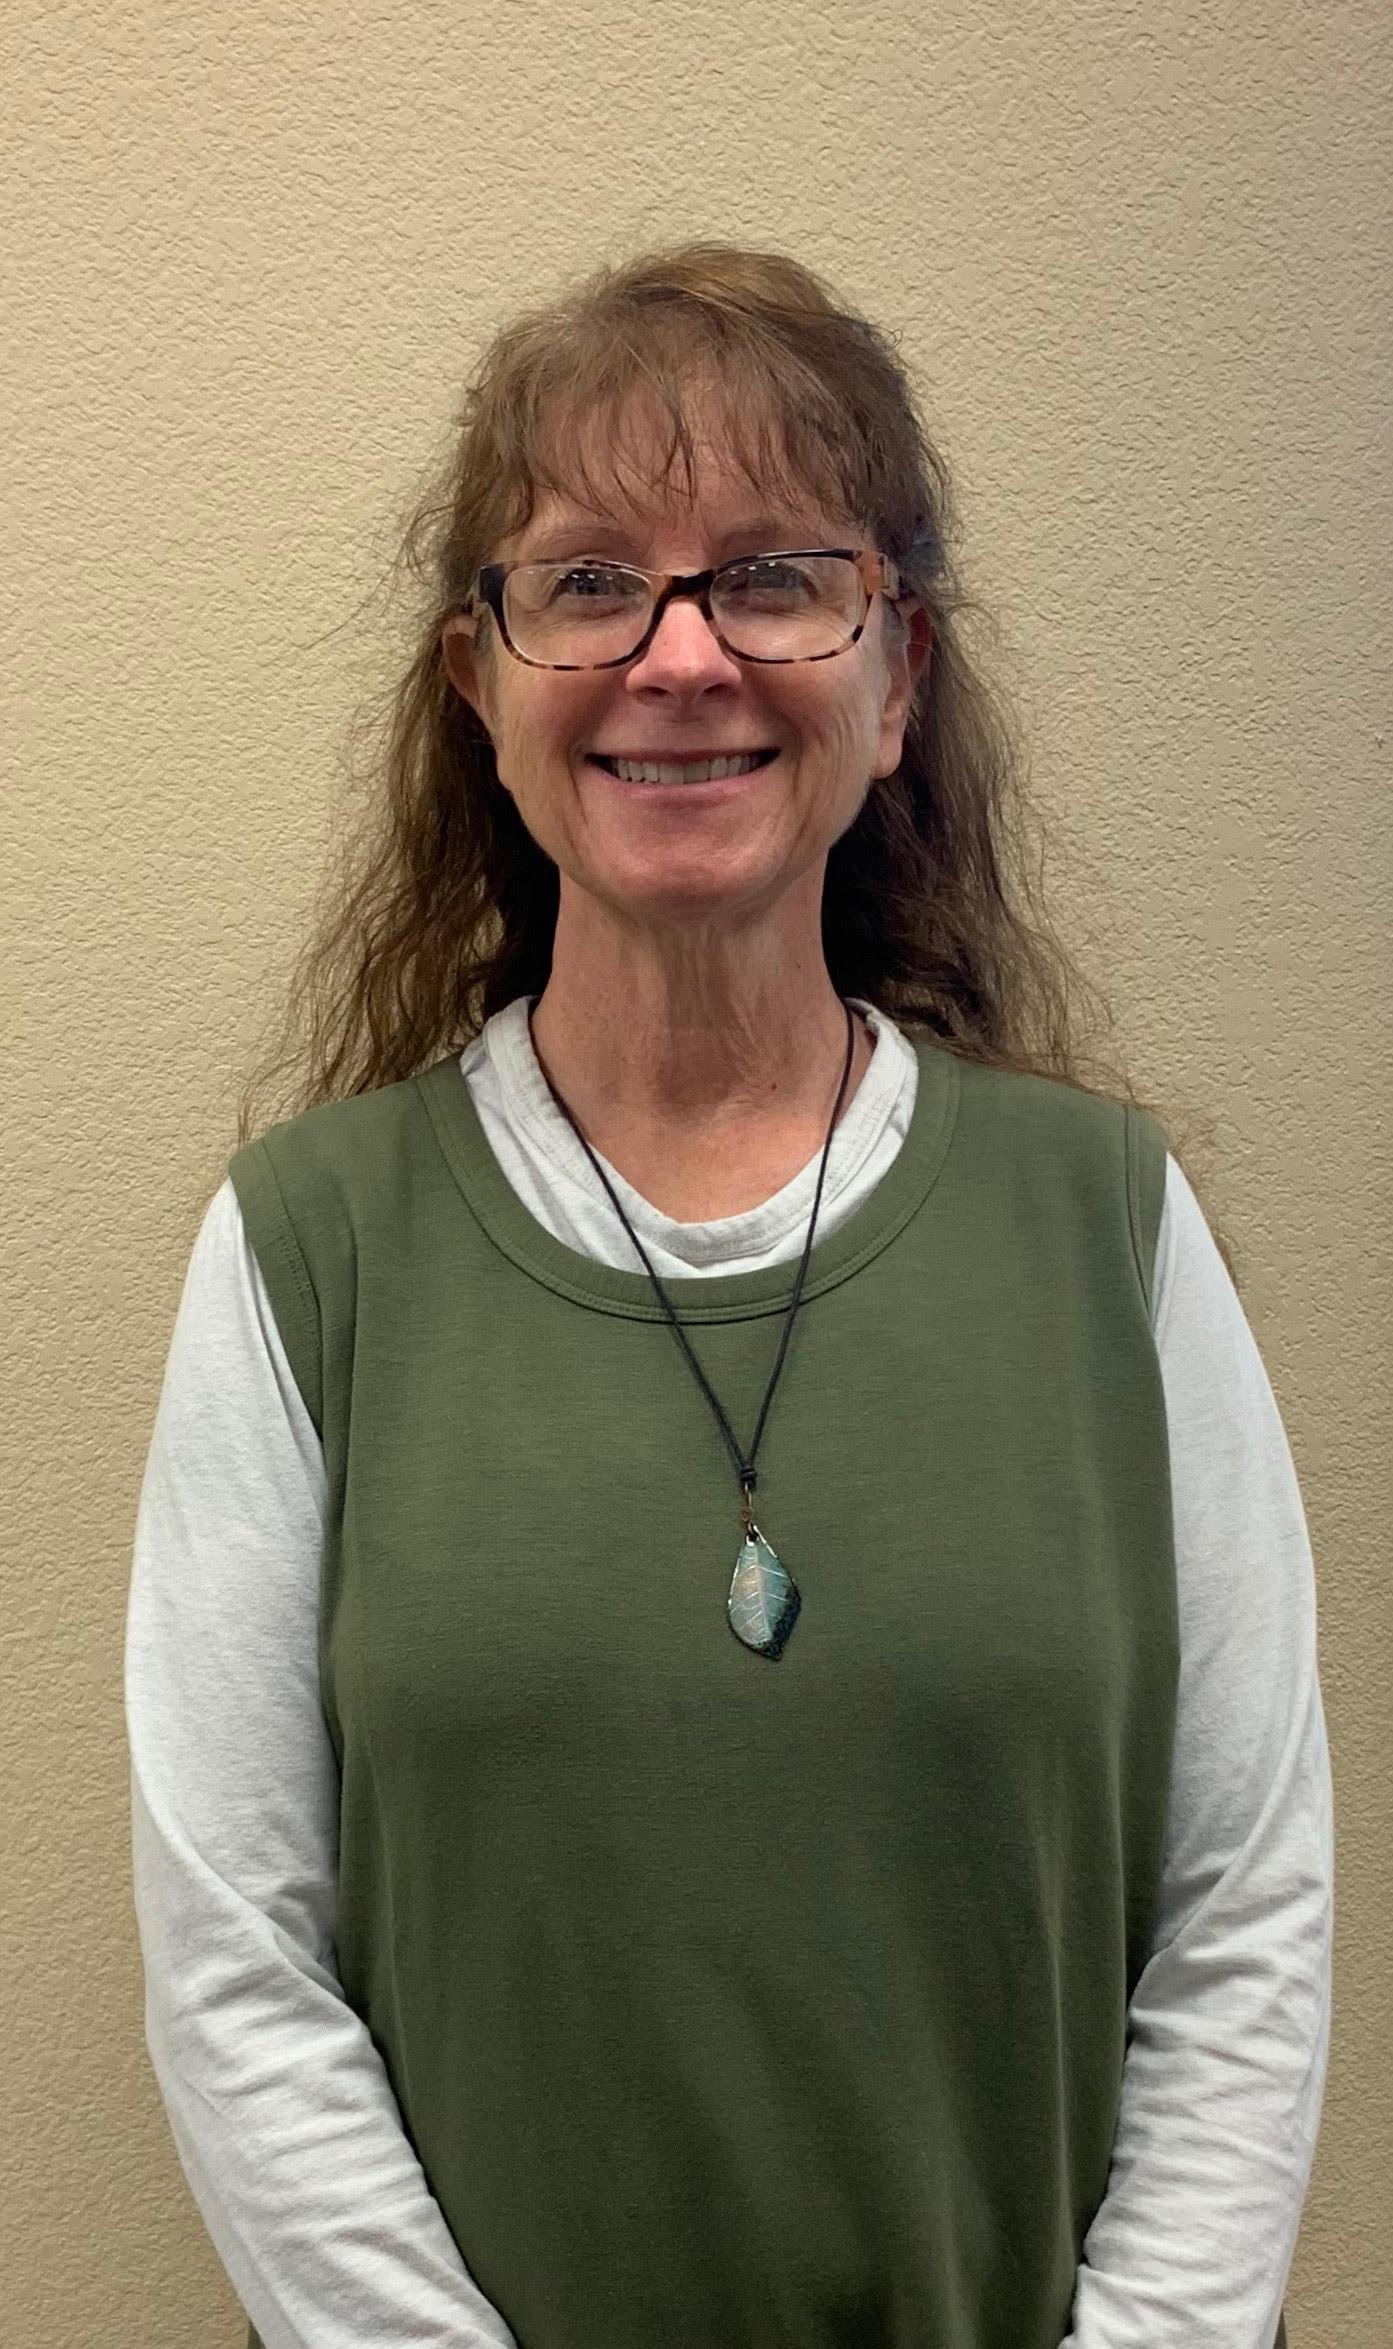 Susan Ekhoff